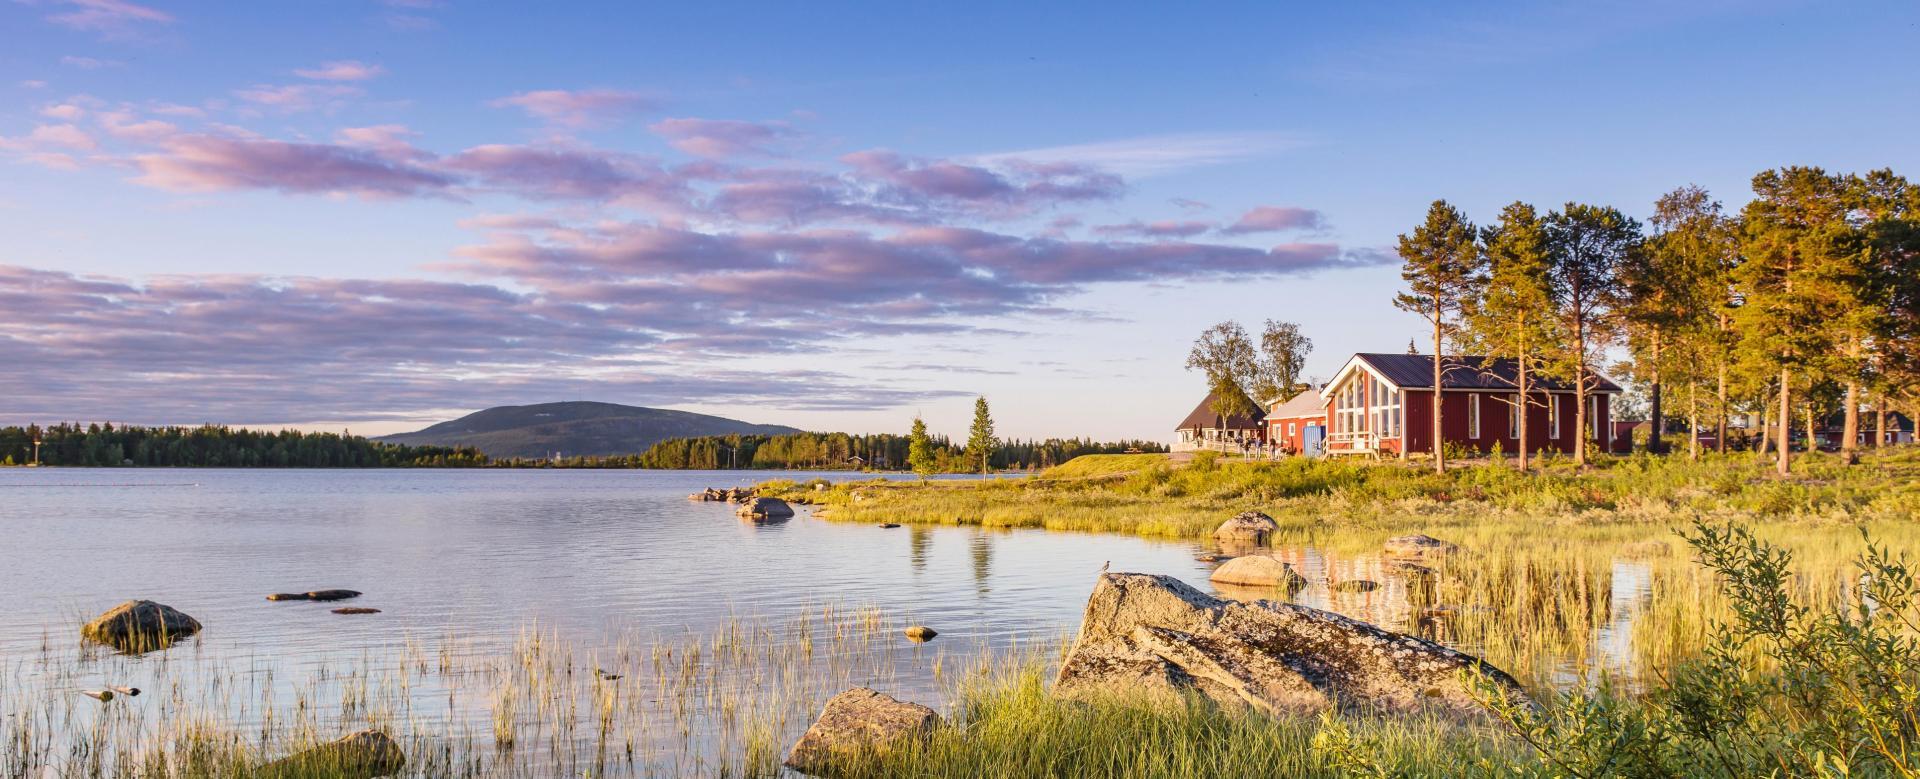 Voyage à pied : Trappeur suédois